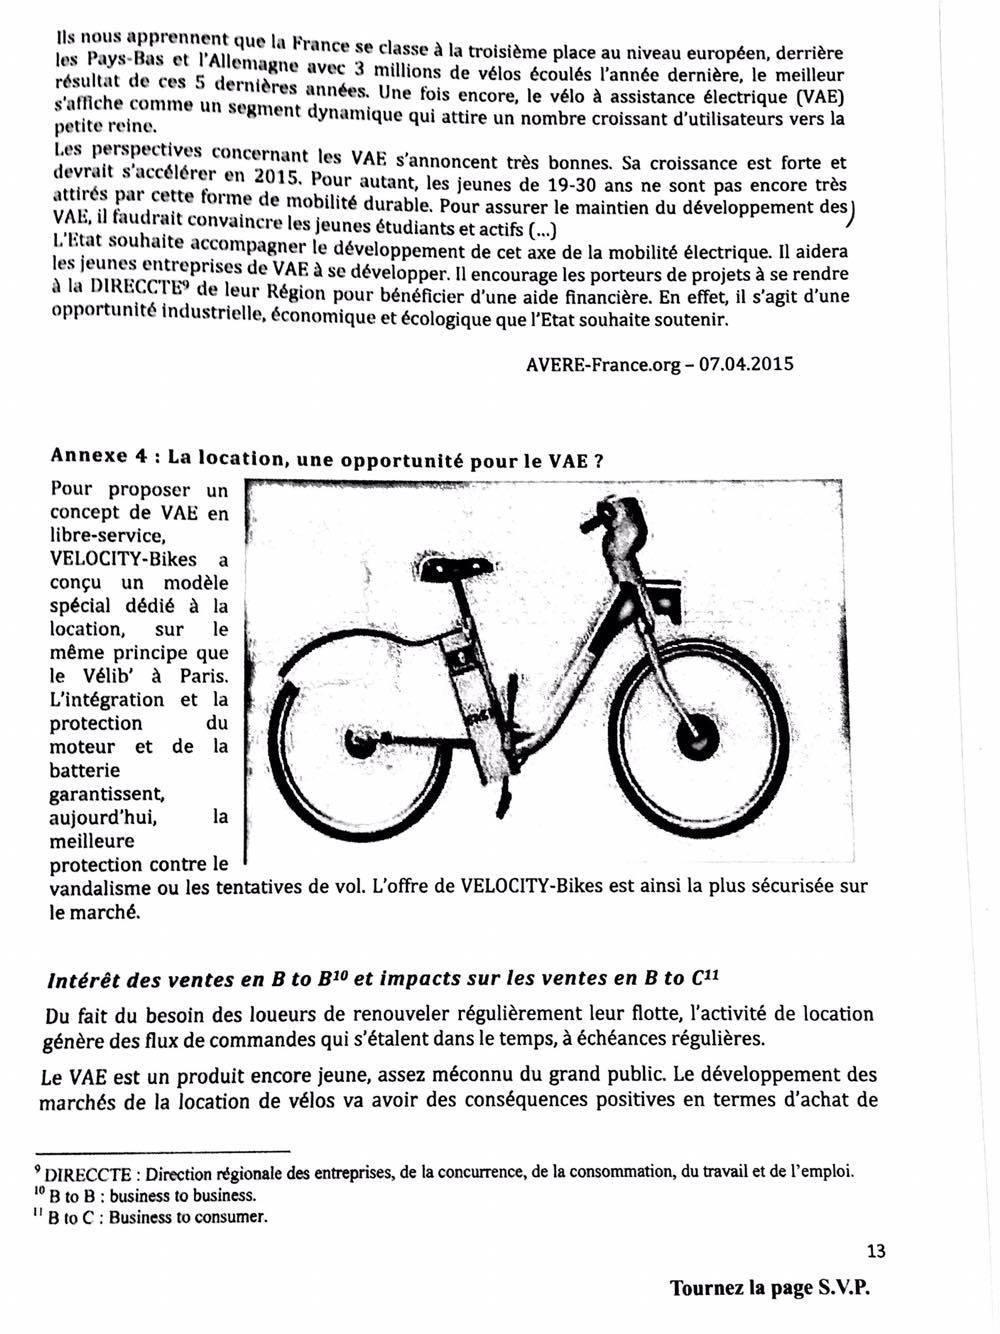 Management-Gestion EM Strasbourg - Page 13